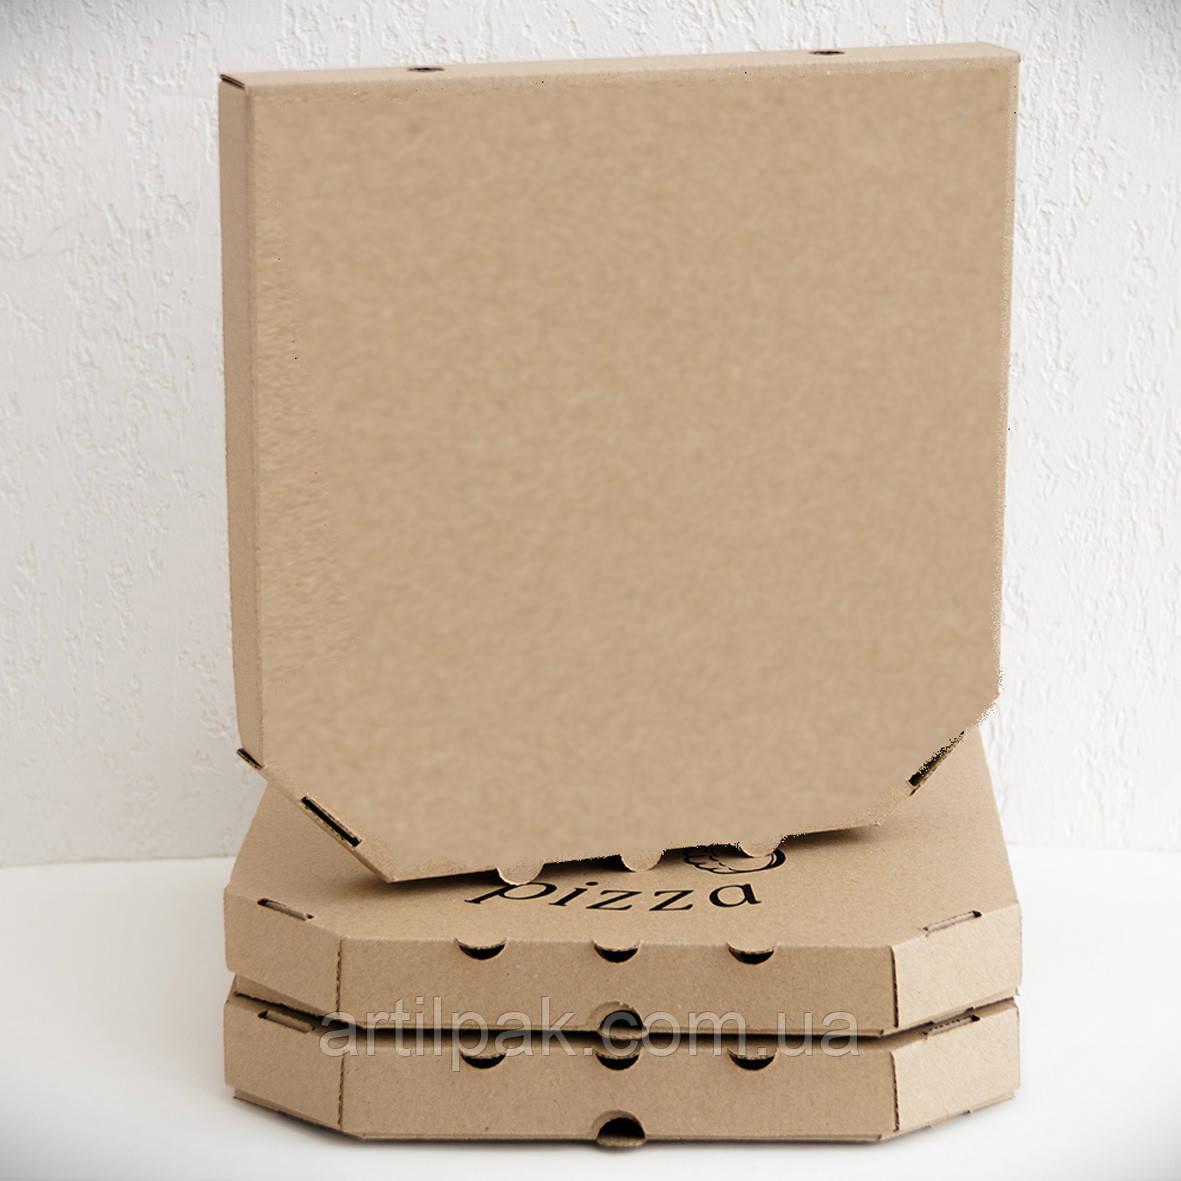 Коробка для піци та хачапурі 450*450*40 БУРА